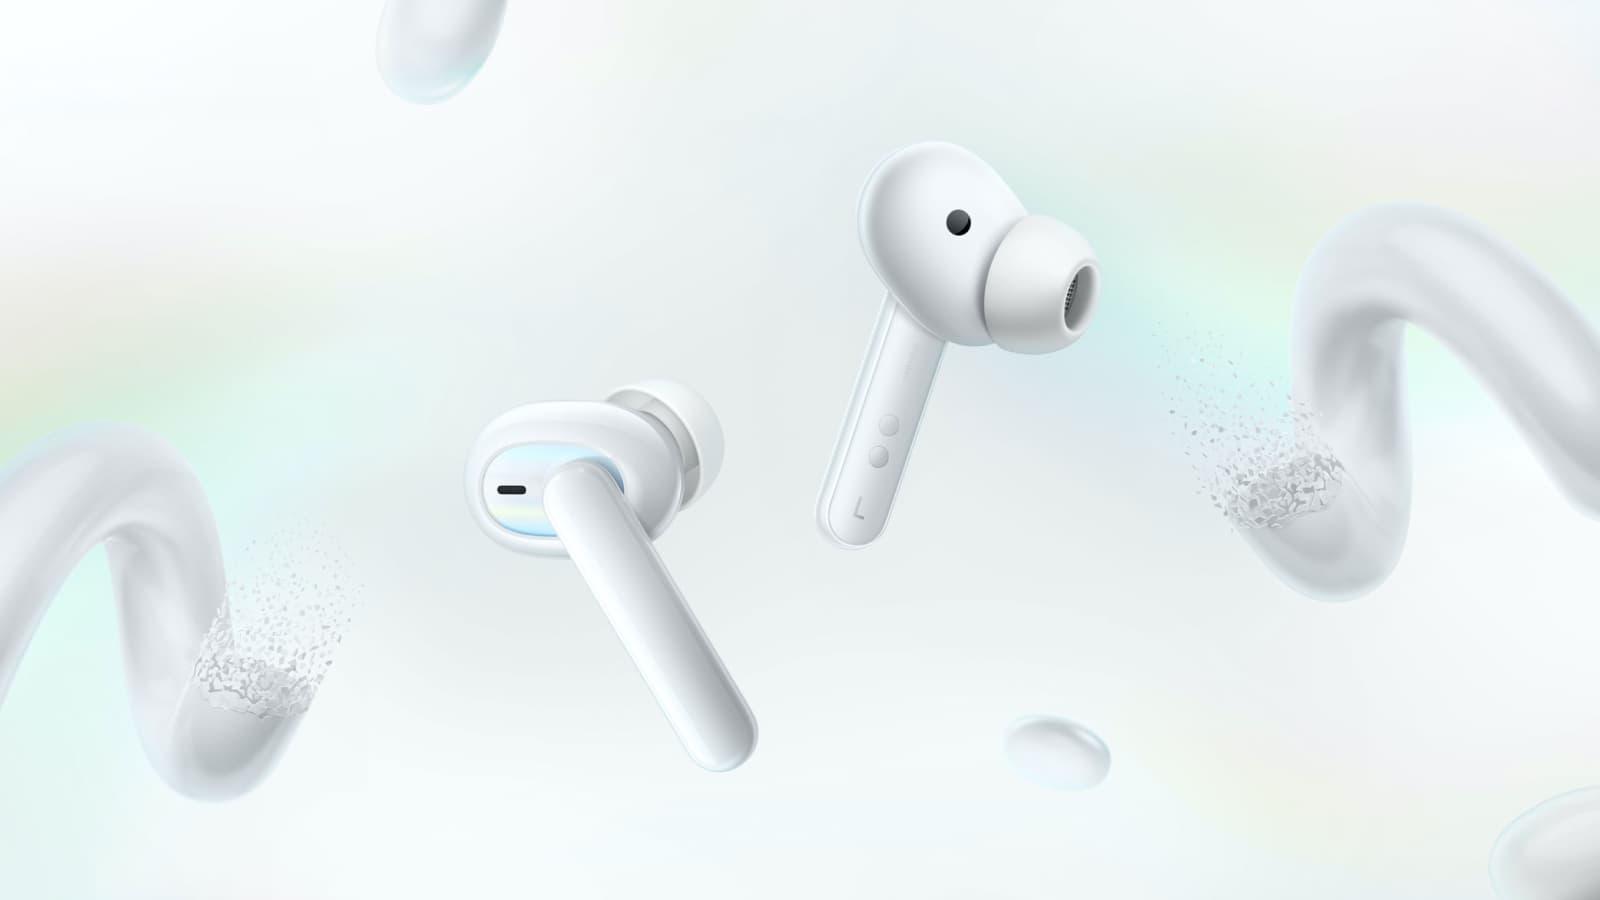 Les écouteurs OPPO Enco W51 à seulement 29,99 euros